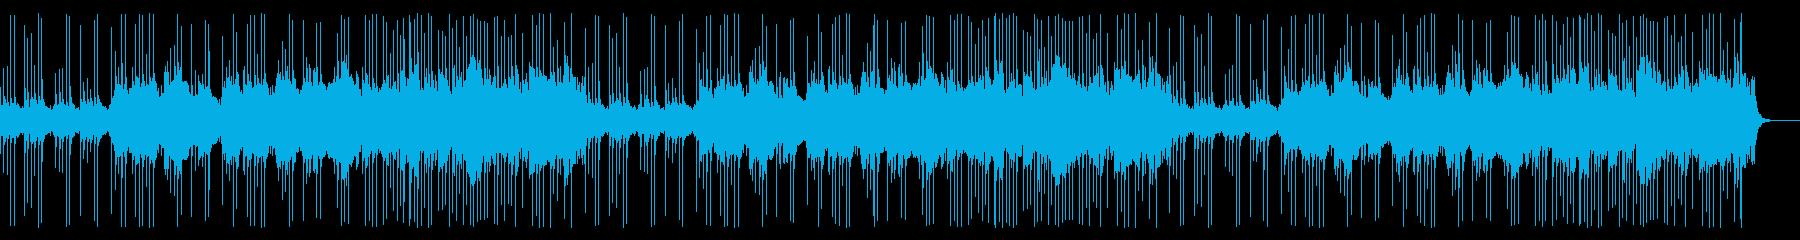 琴や尺八が印象的なゆったりとした和風曲の再生済みの波形